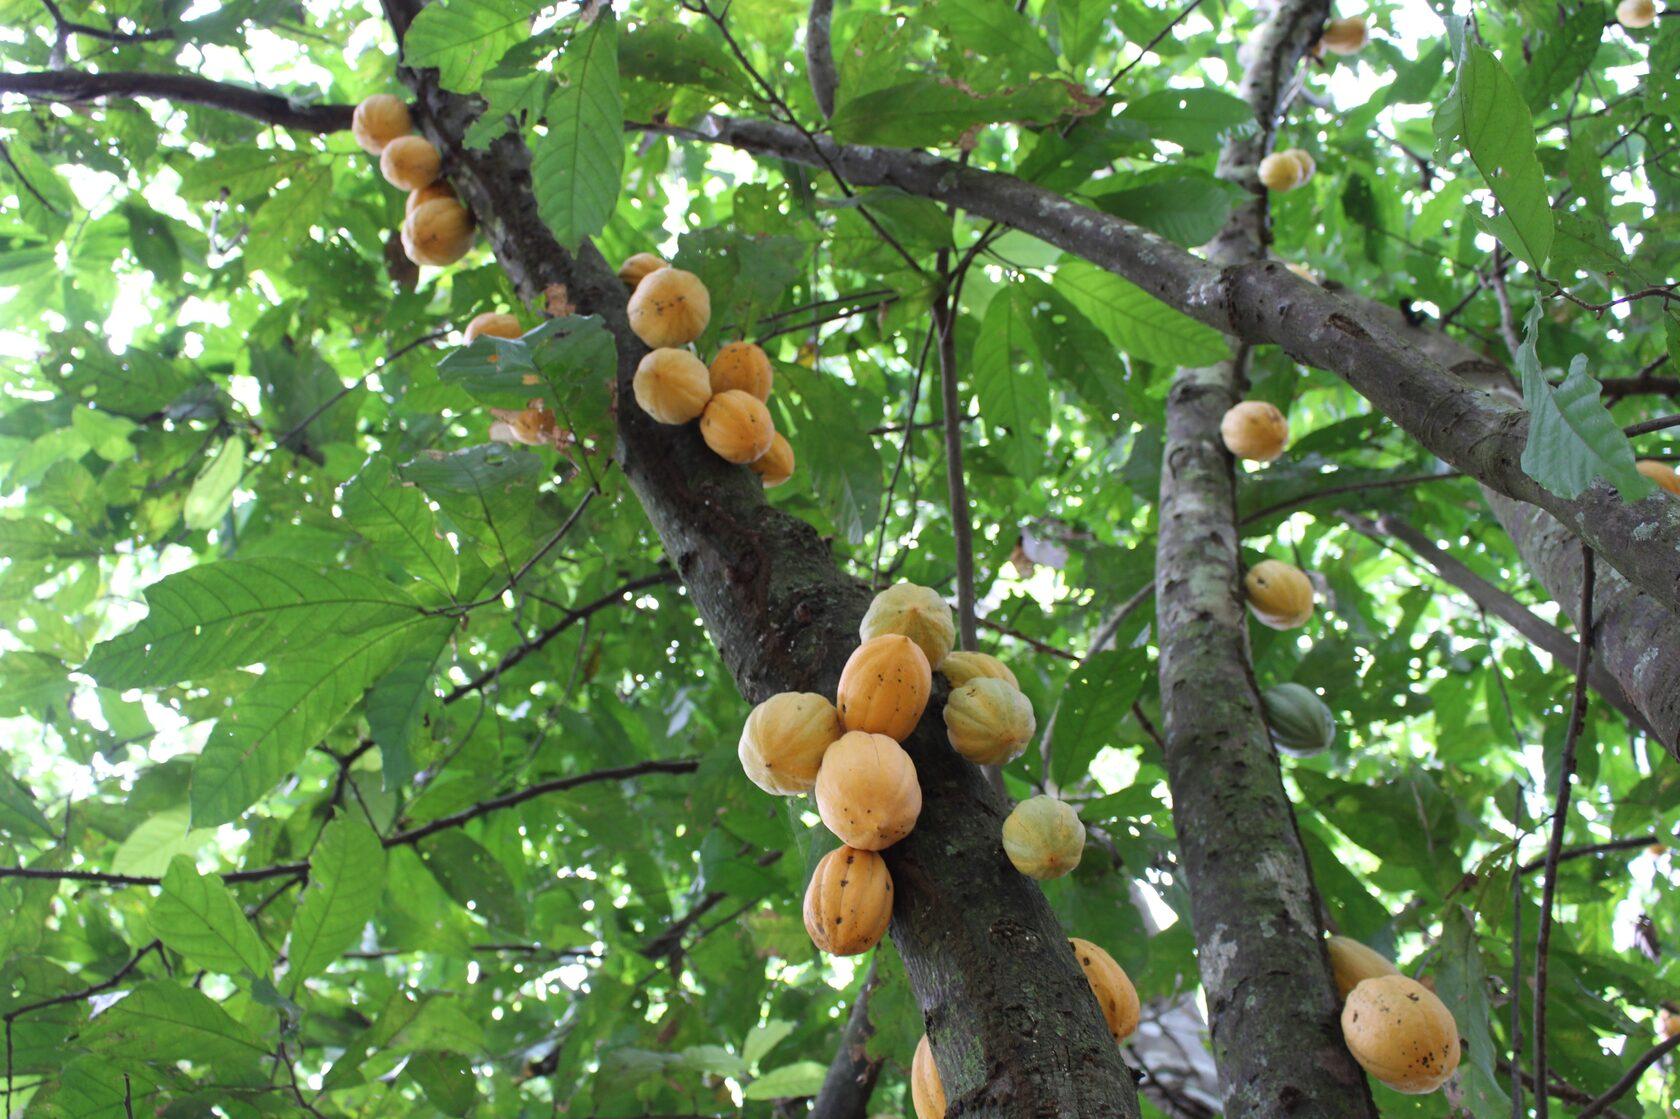 Fruto ocorre em abundância nas florestas próximas ao Rio Iaco, no Acre (Foto: SOS Amazônia)